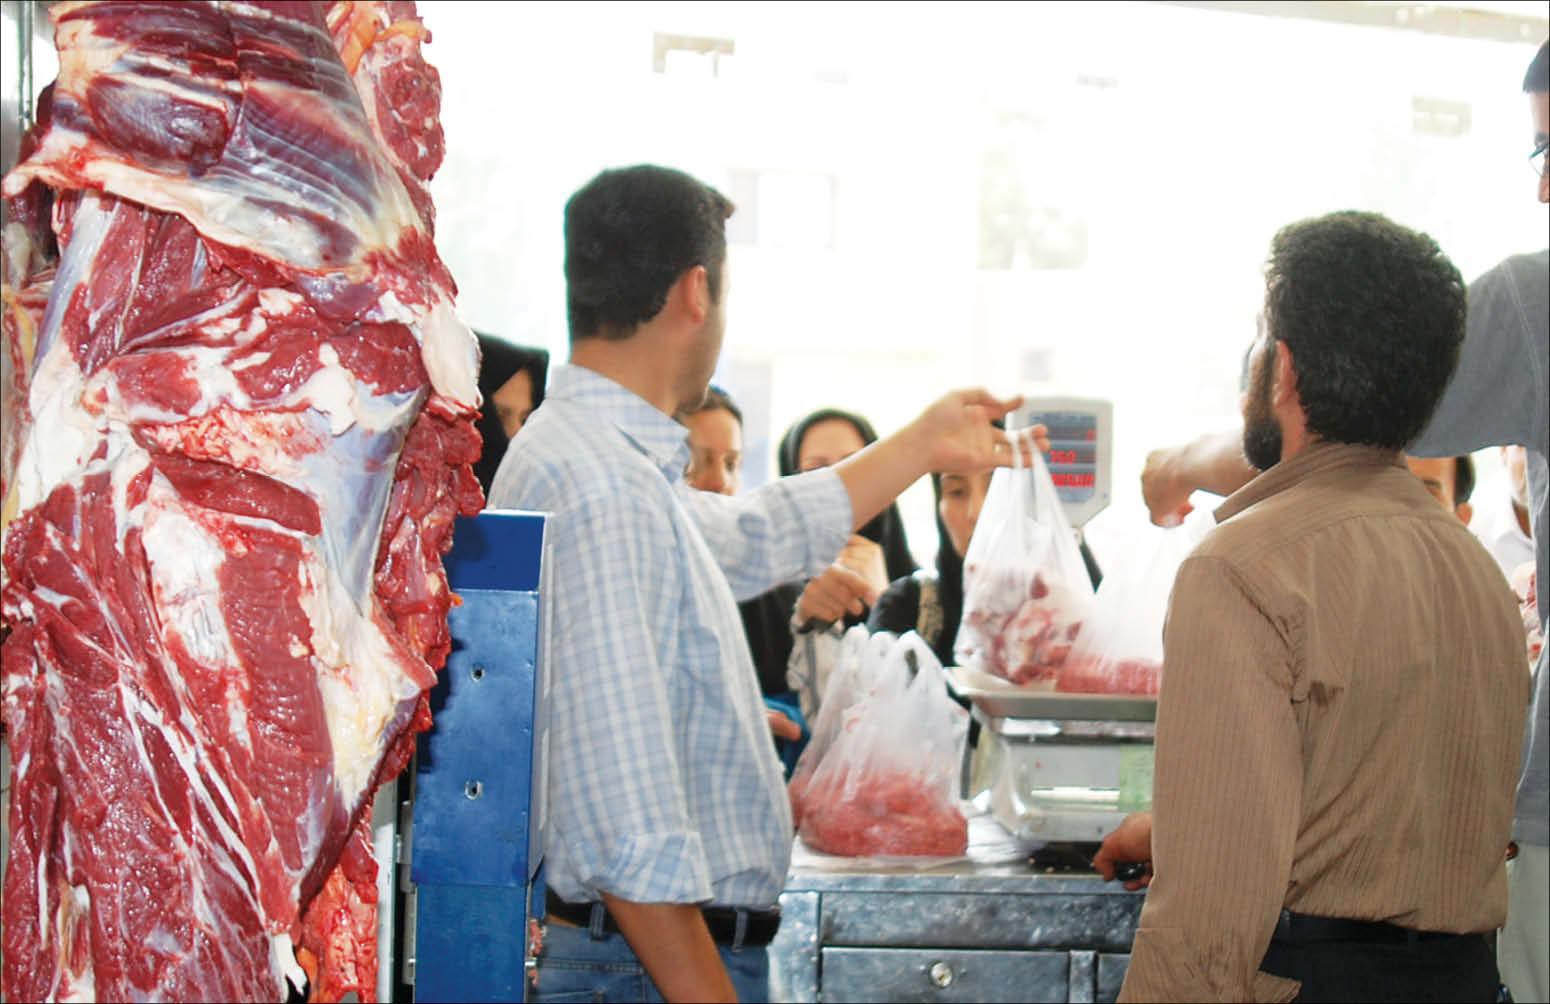 گوشت قرمز دوباره بر مدار گرانی/ بازار گوشت تحت کنترل دلالان یا متولیان؟/ مقصر گرانی کدام است؛ «کرونا» یا «فاوا» ؟